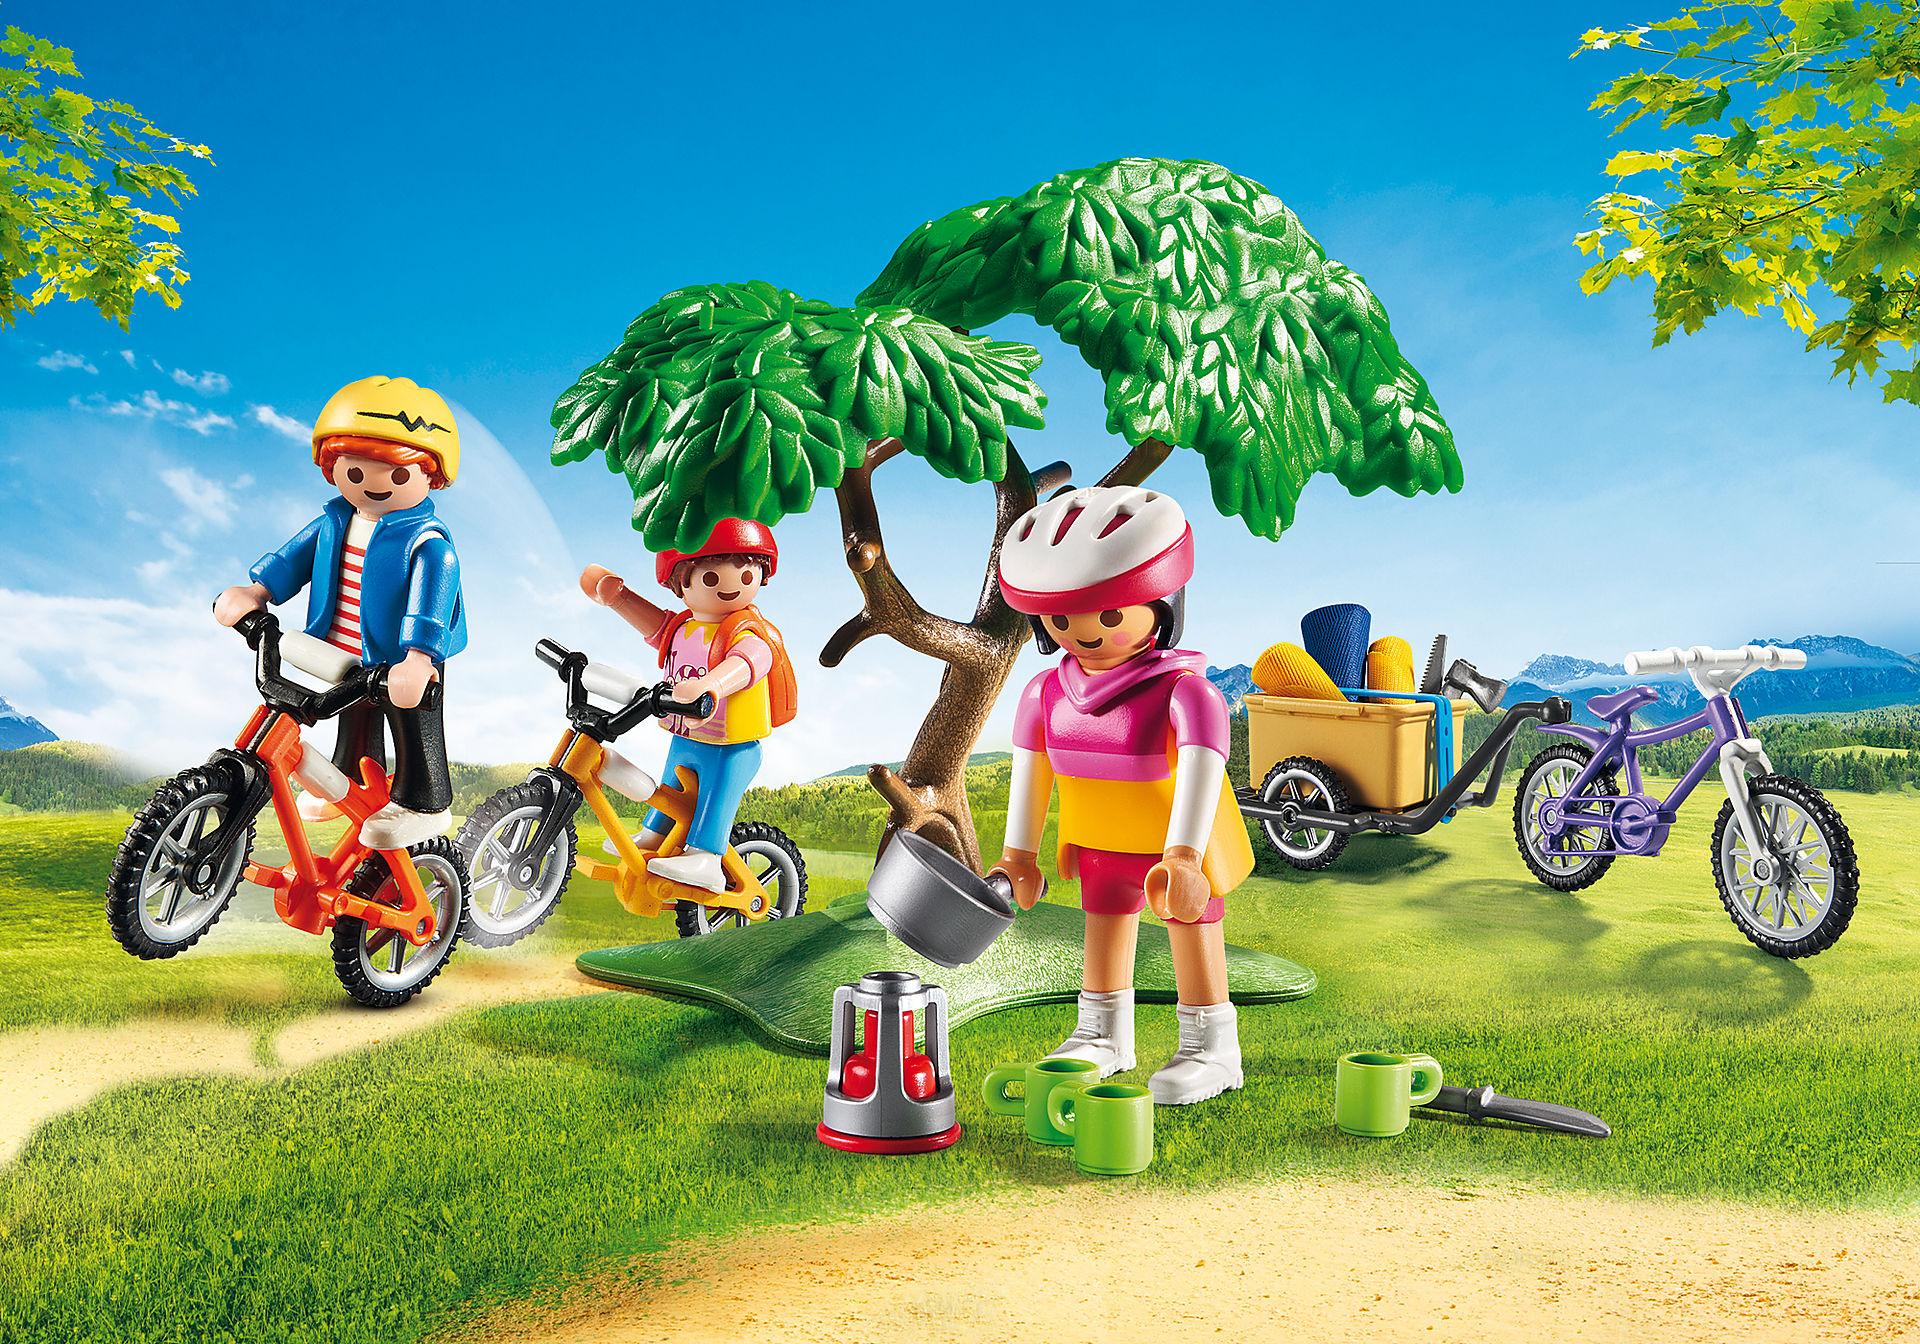 6890 Família com Bicicletas zoom image1